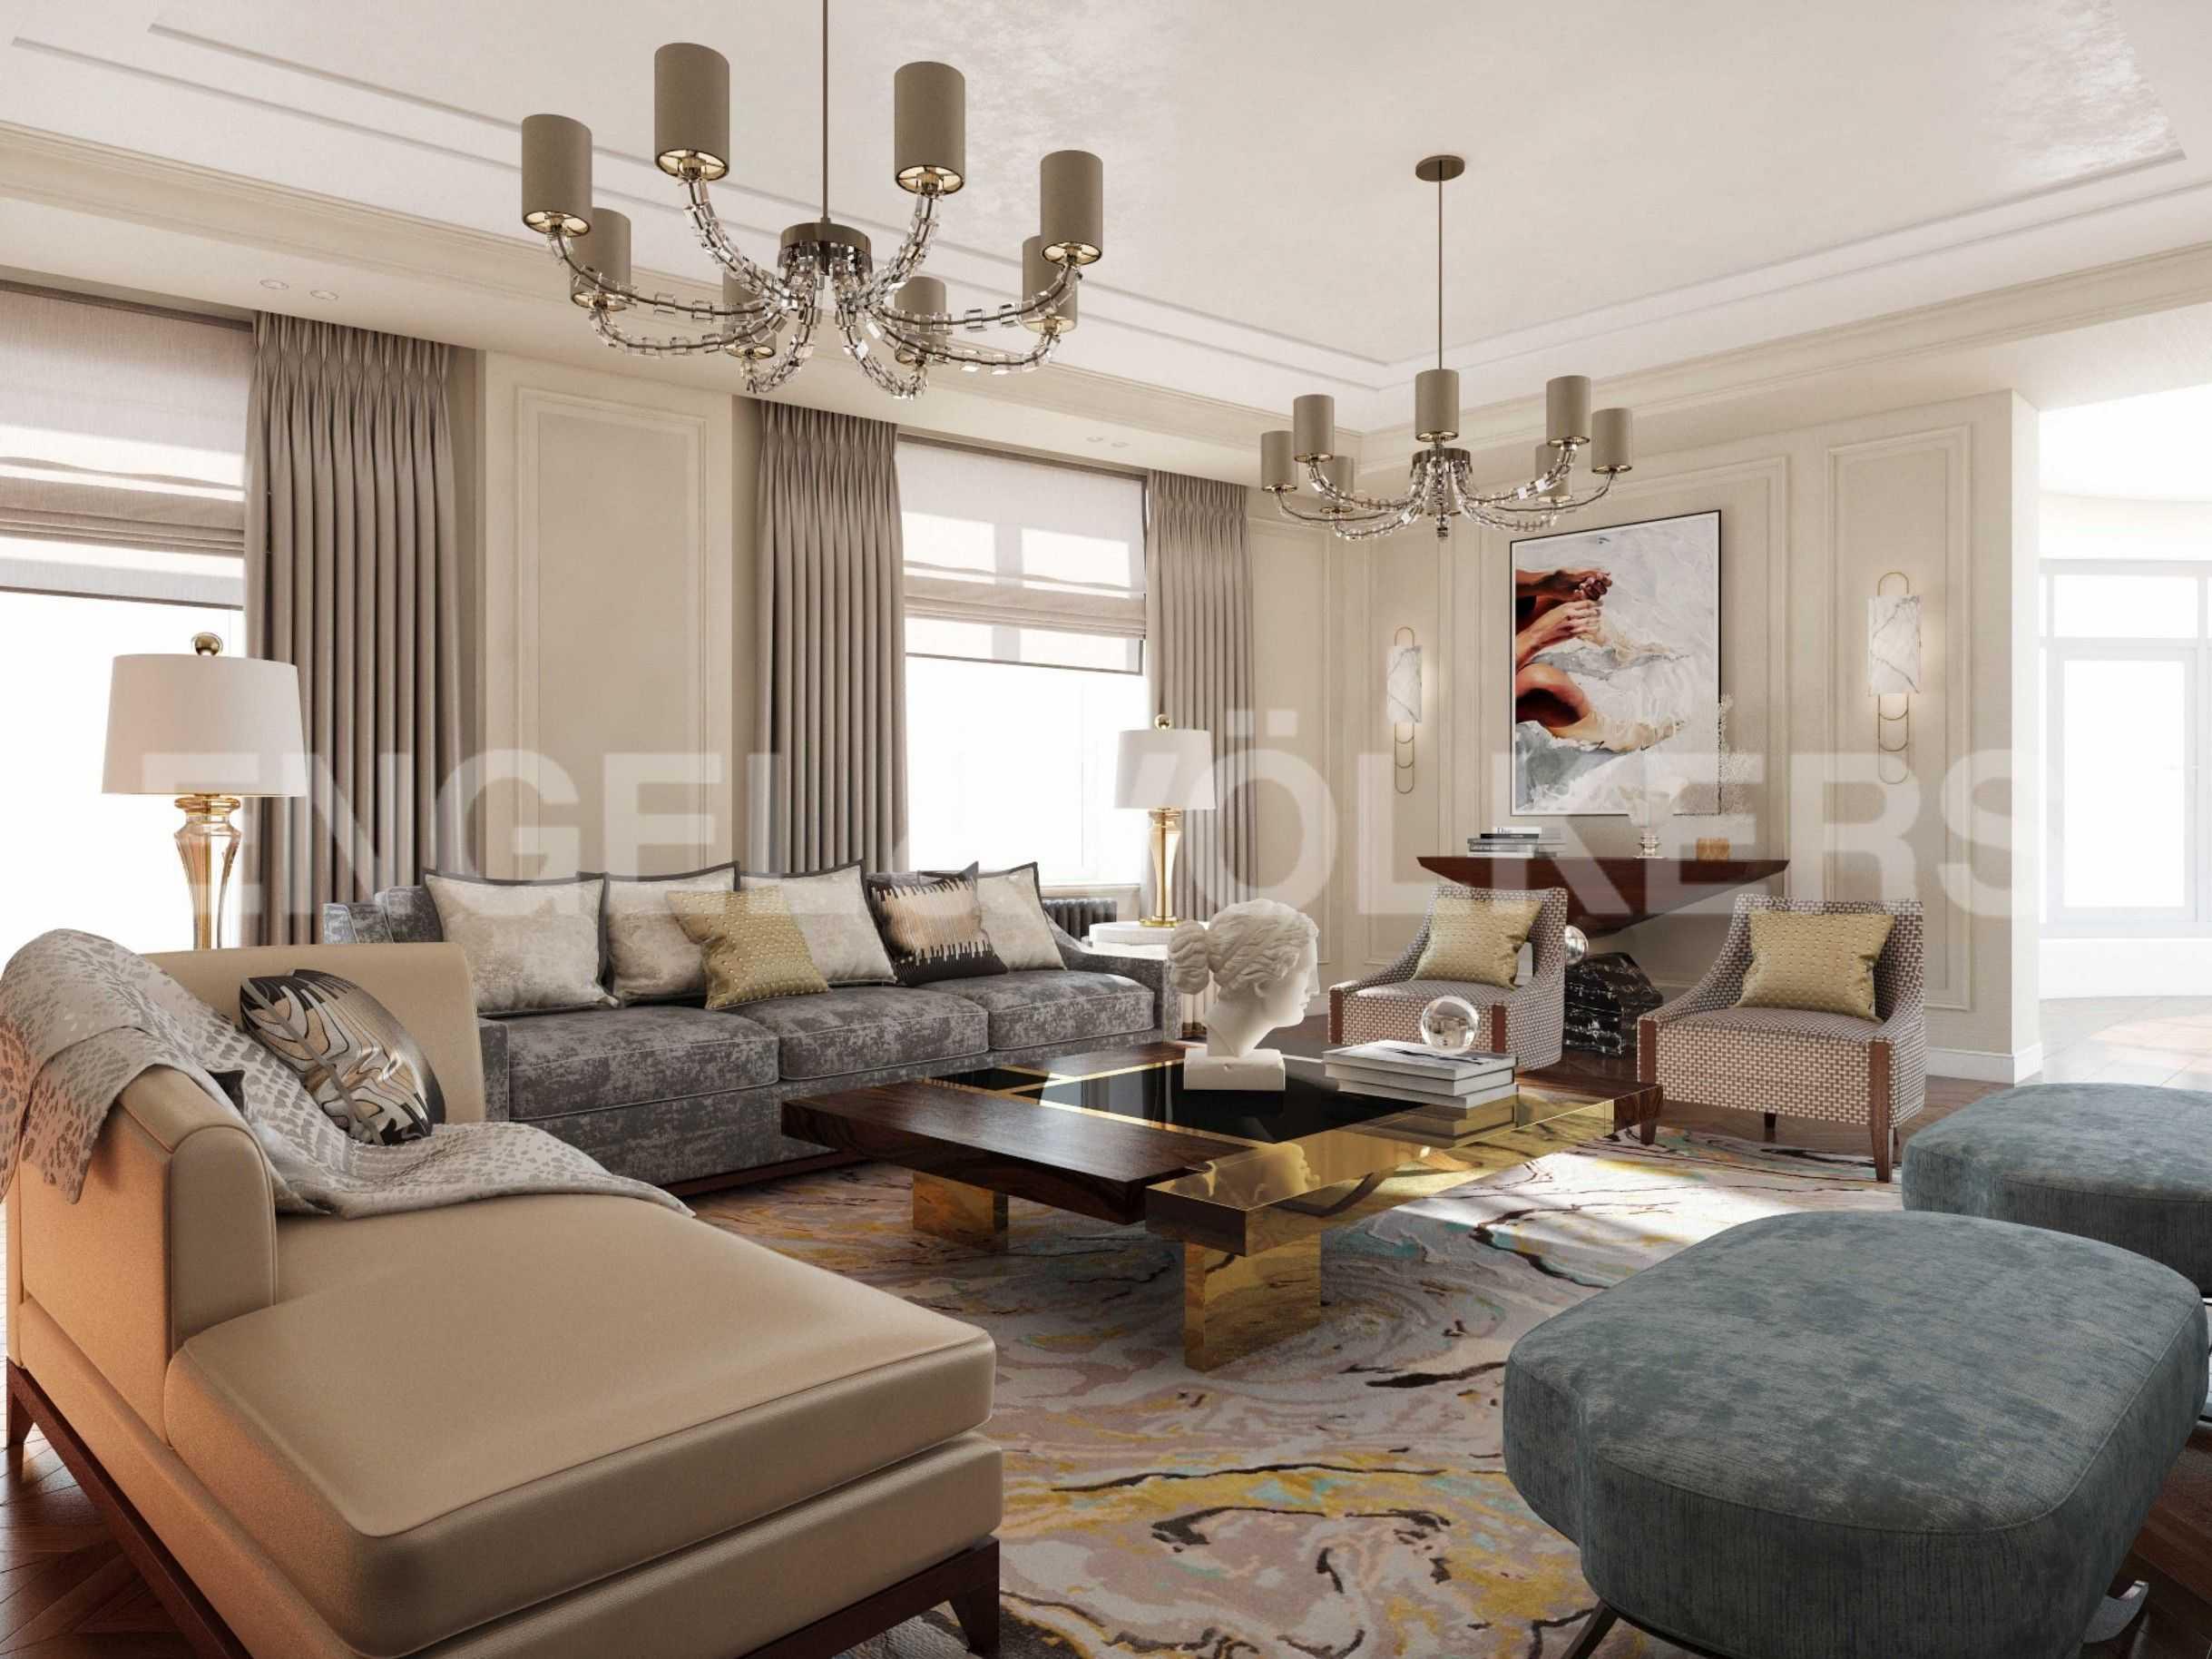 Элитные квартиры в Центральном районе. Санкт-Петербург, Парадная, 3. Проект гостиной